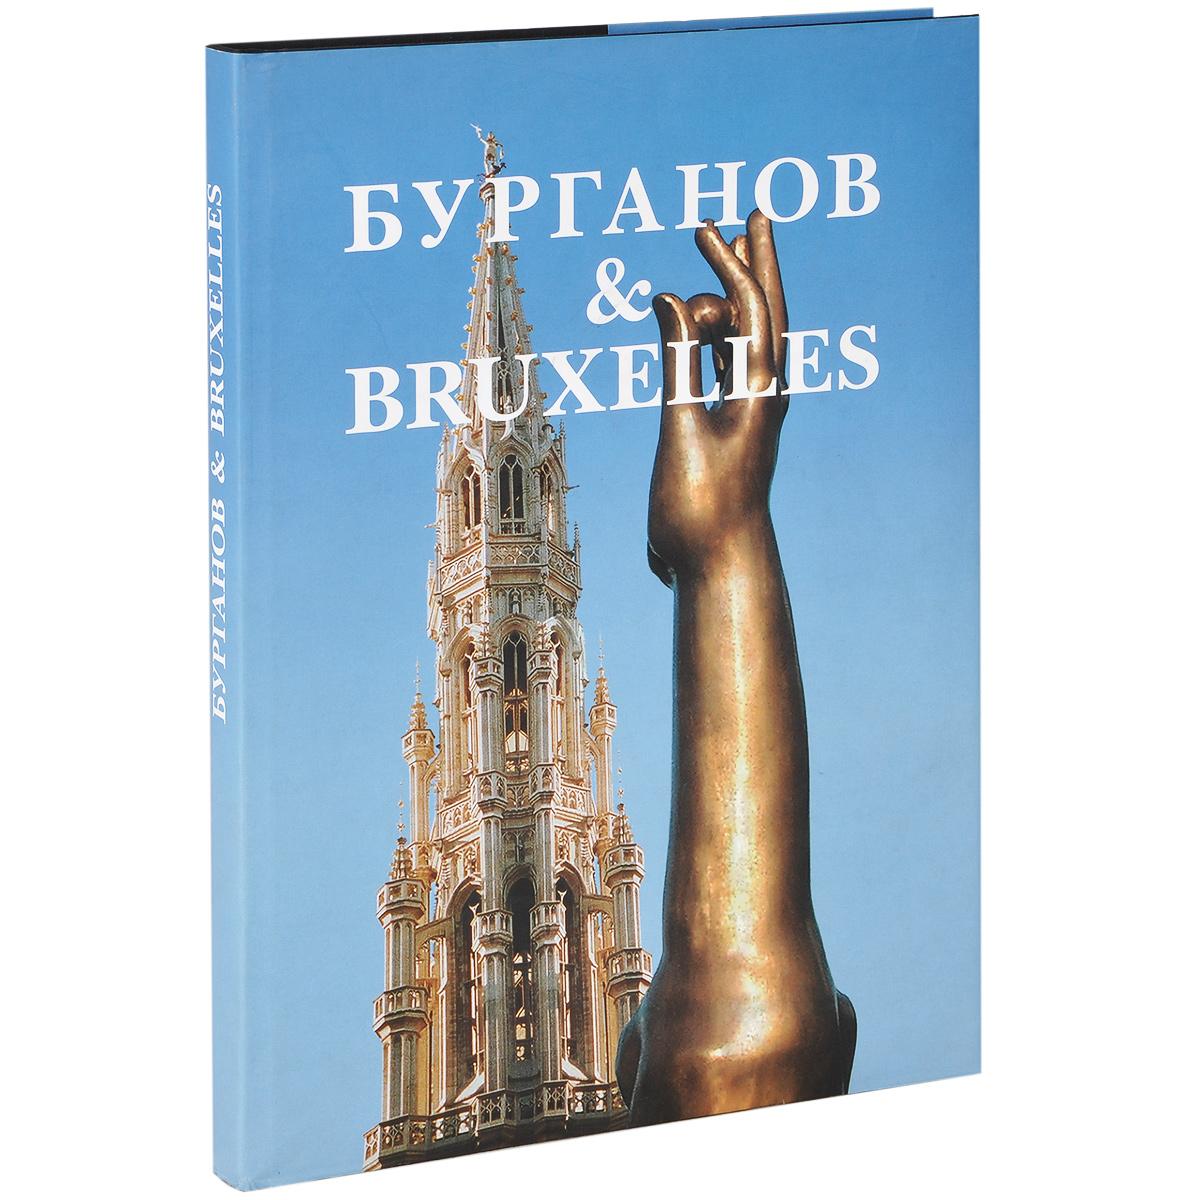 Бурганов & Bruxelles каталог свободные ювелирные изделия мейкера горячих продавцов для 2016 фотоальбом красочный 285x210 мм